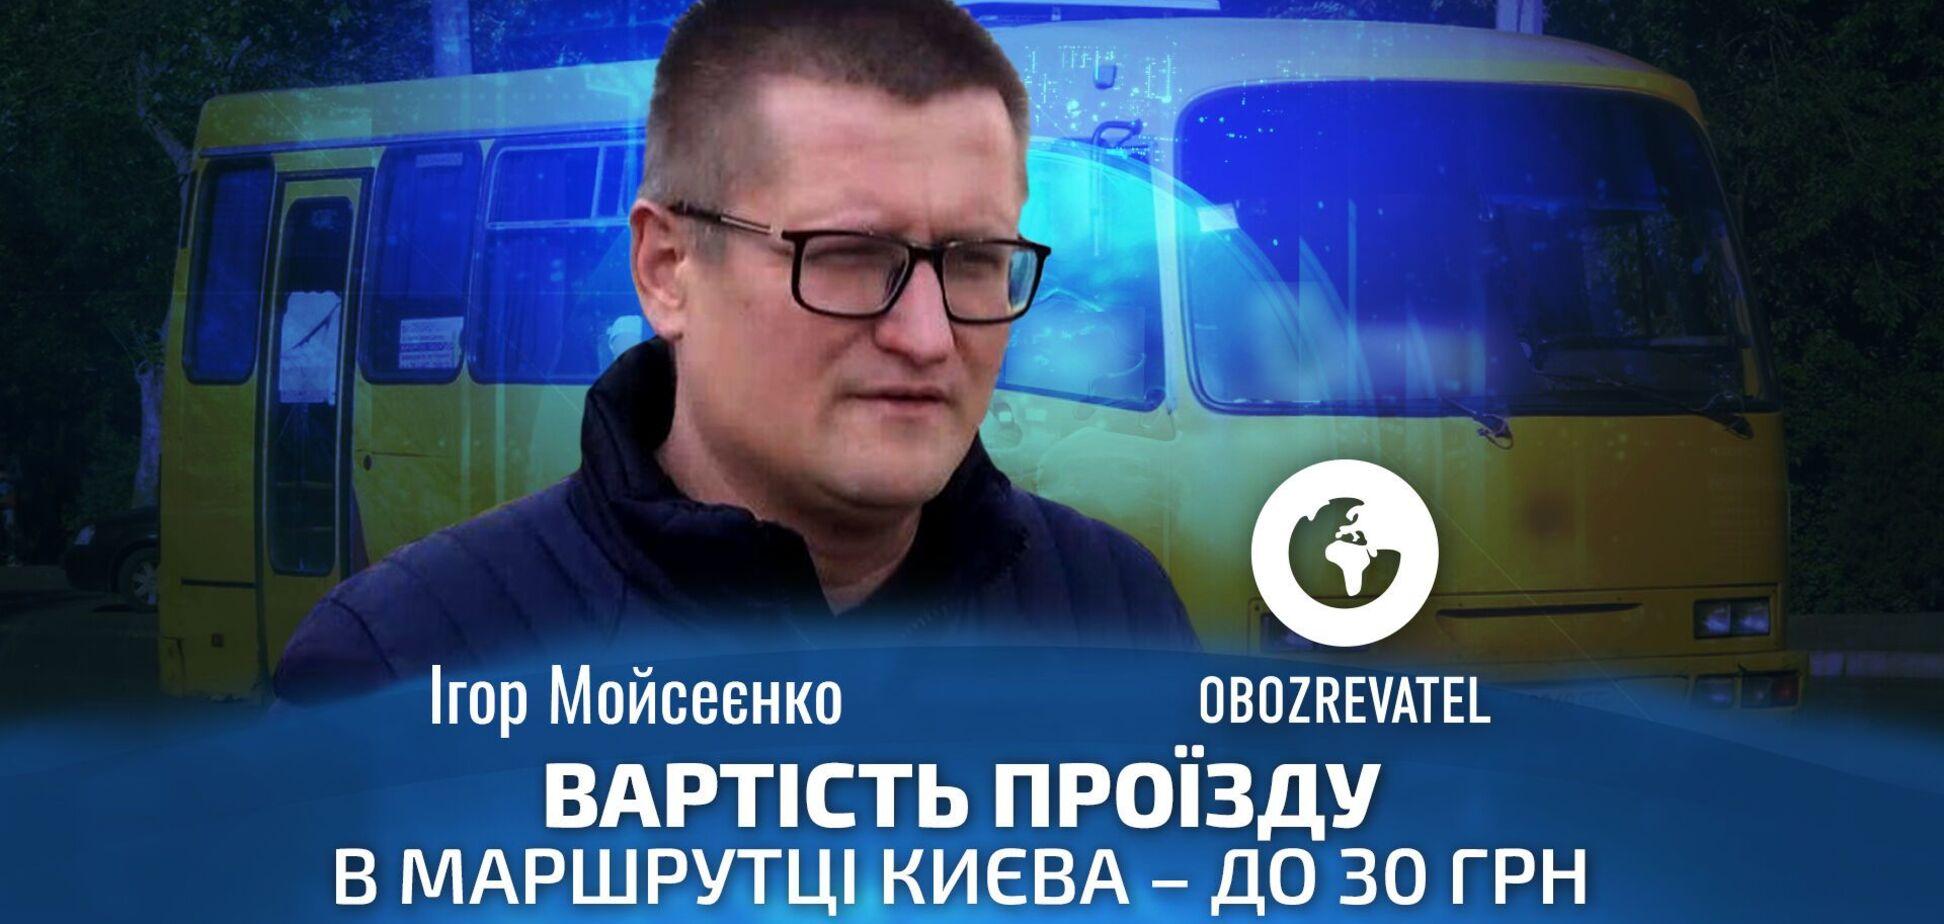 Собівартість проїзду в маршрутці Києва – 30 грн